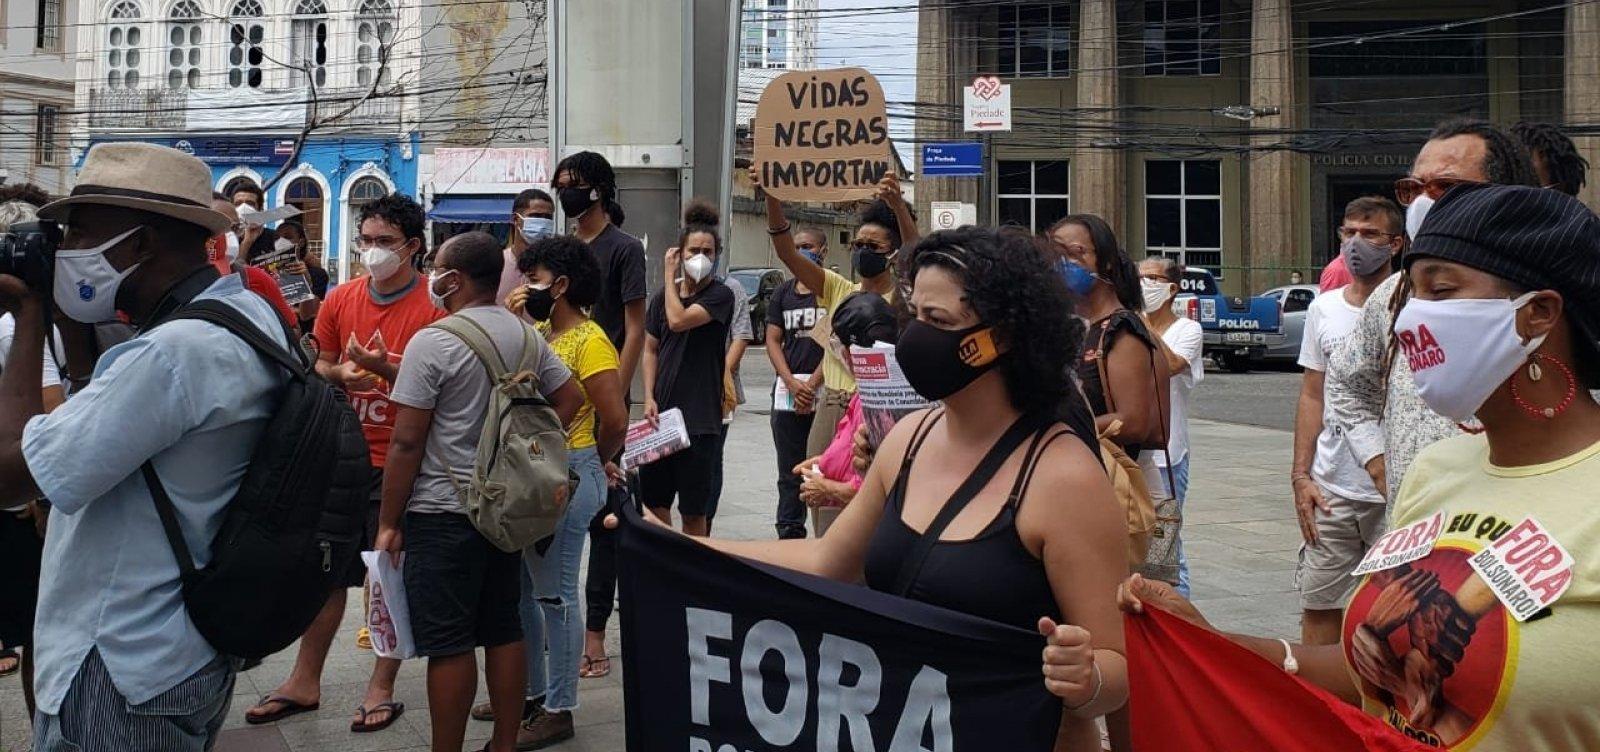 No dia da abolição, Movimento Negro protesta contra genocídio e 'caso Atakarejo'